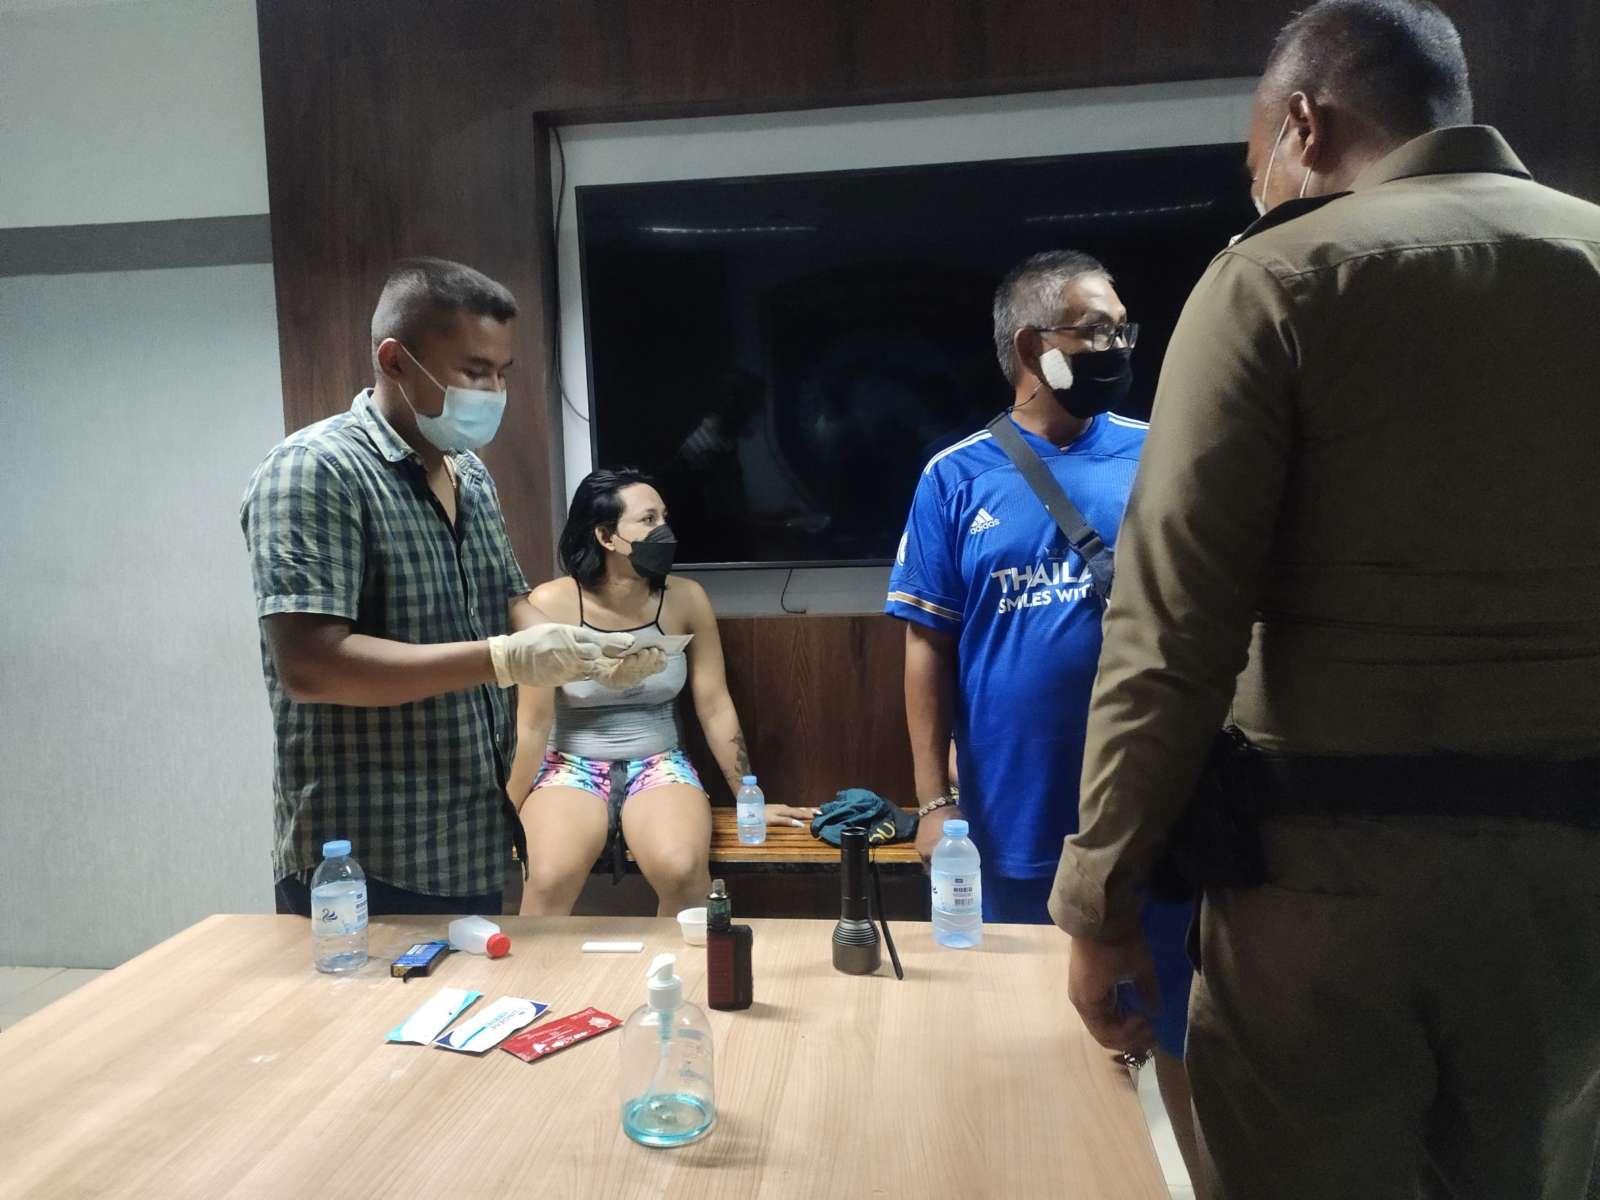 Арест с комфортом — трансвестита в Паттайе доставили в полицию на собственном авто